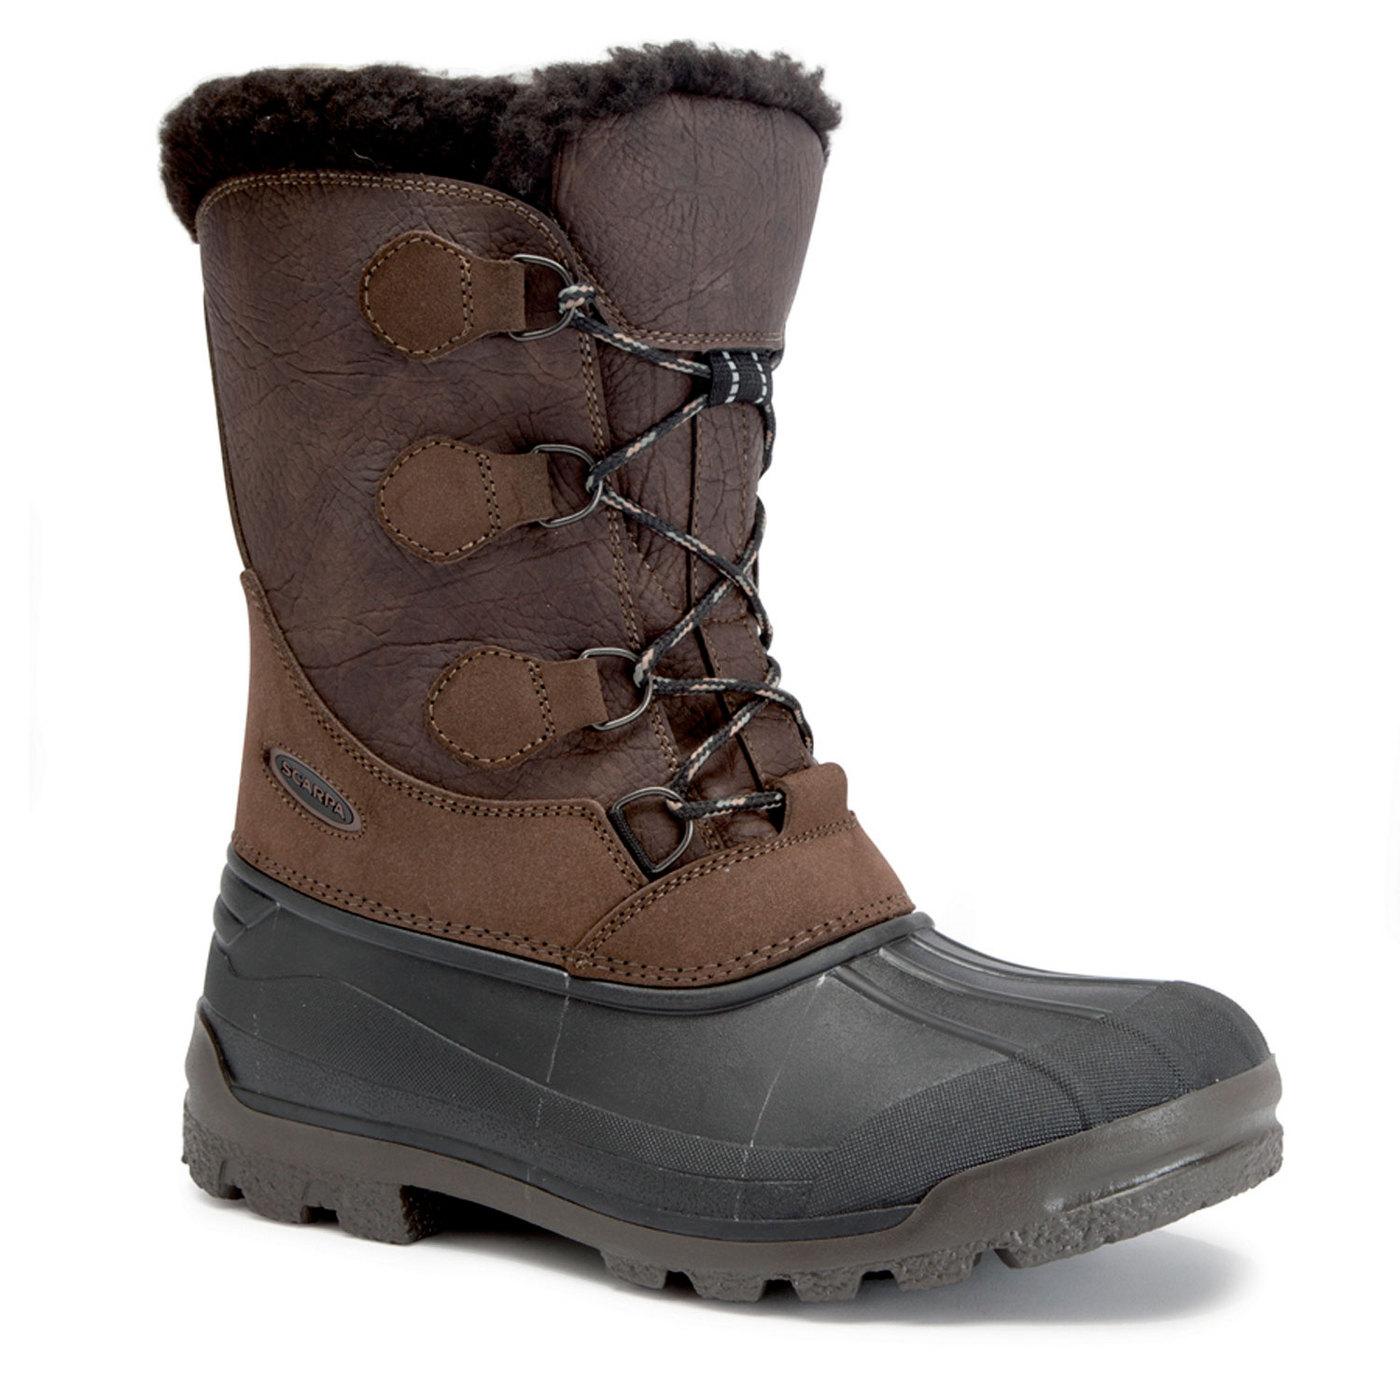 63d01b6e Guide til vinterstøvler - Hold varmen i kulden - Friluftsland